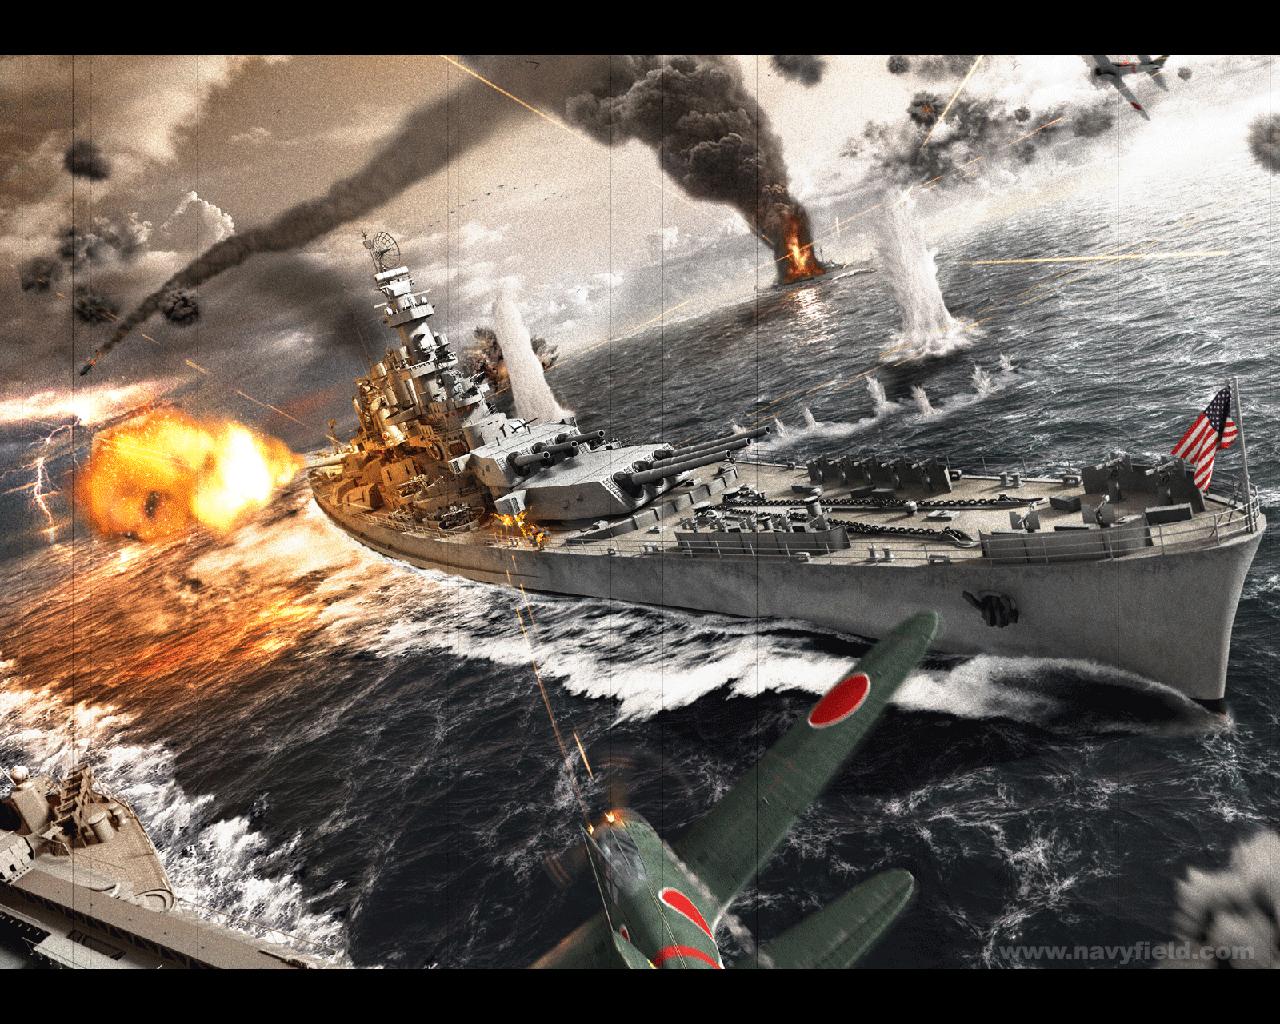 Navy Field Wallpaper